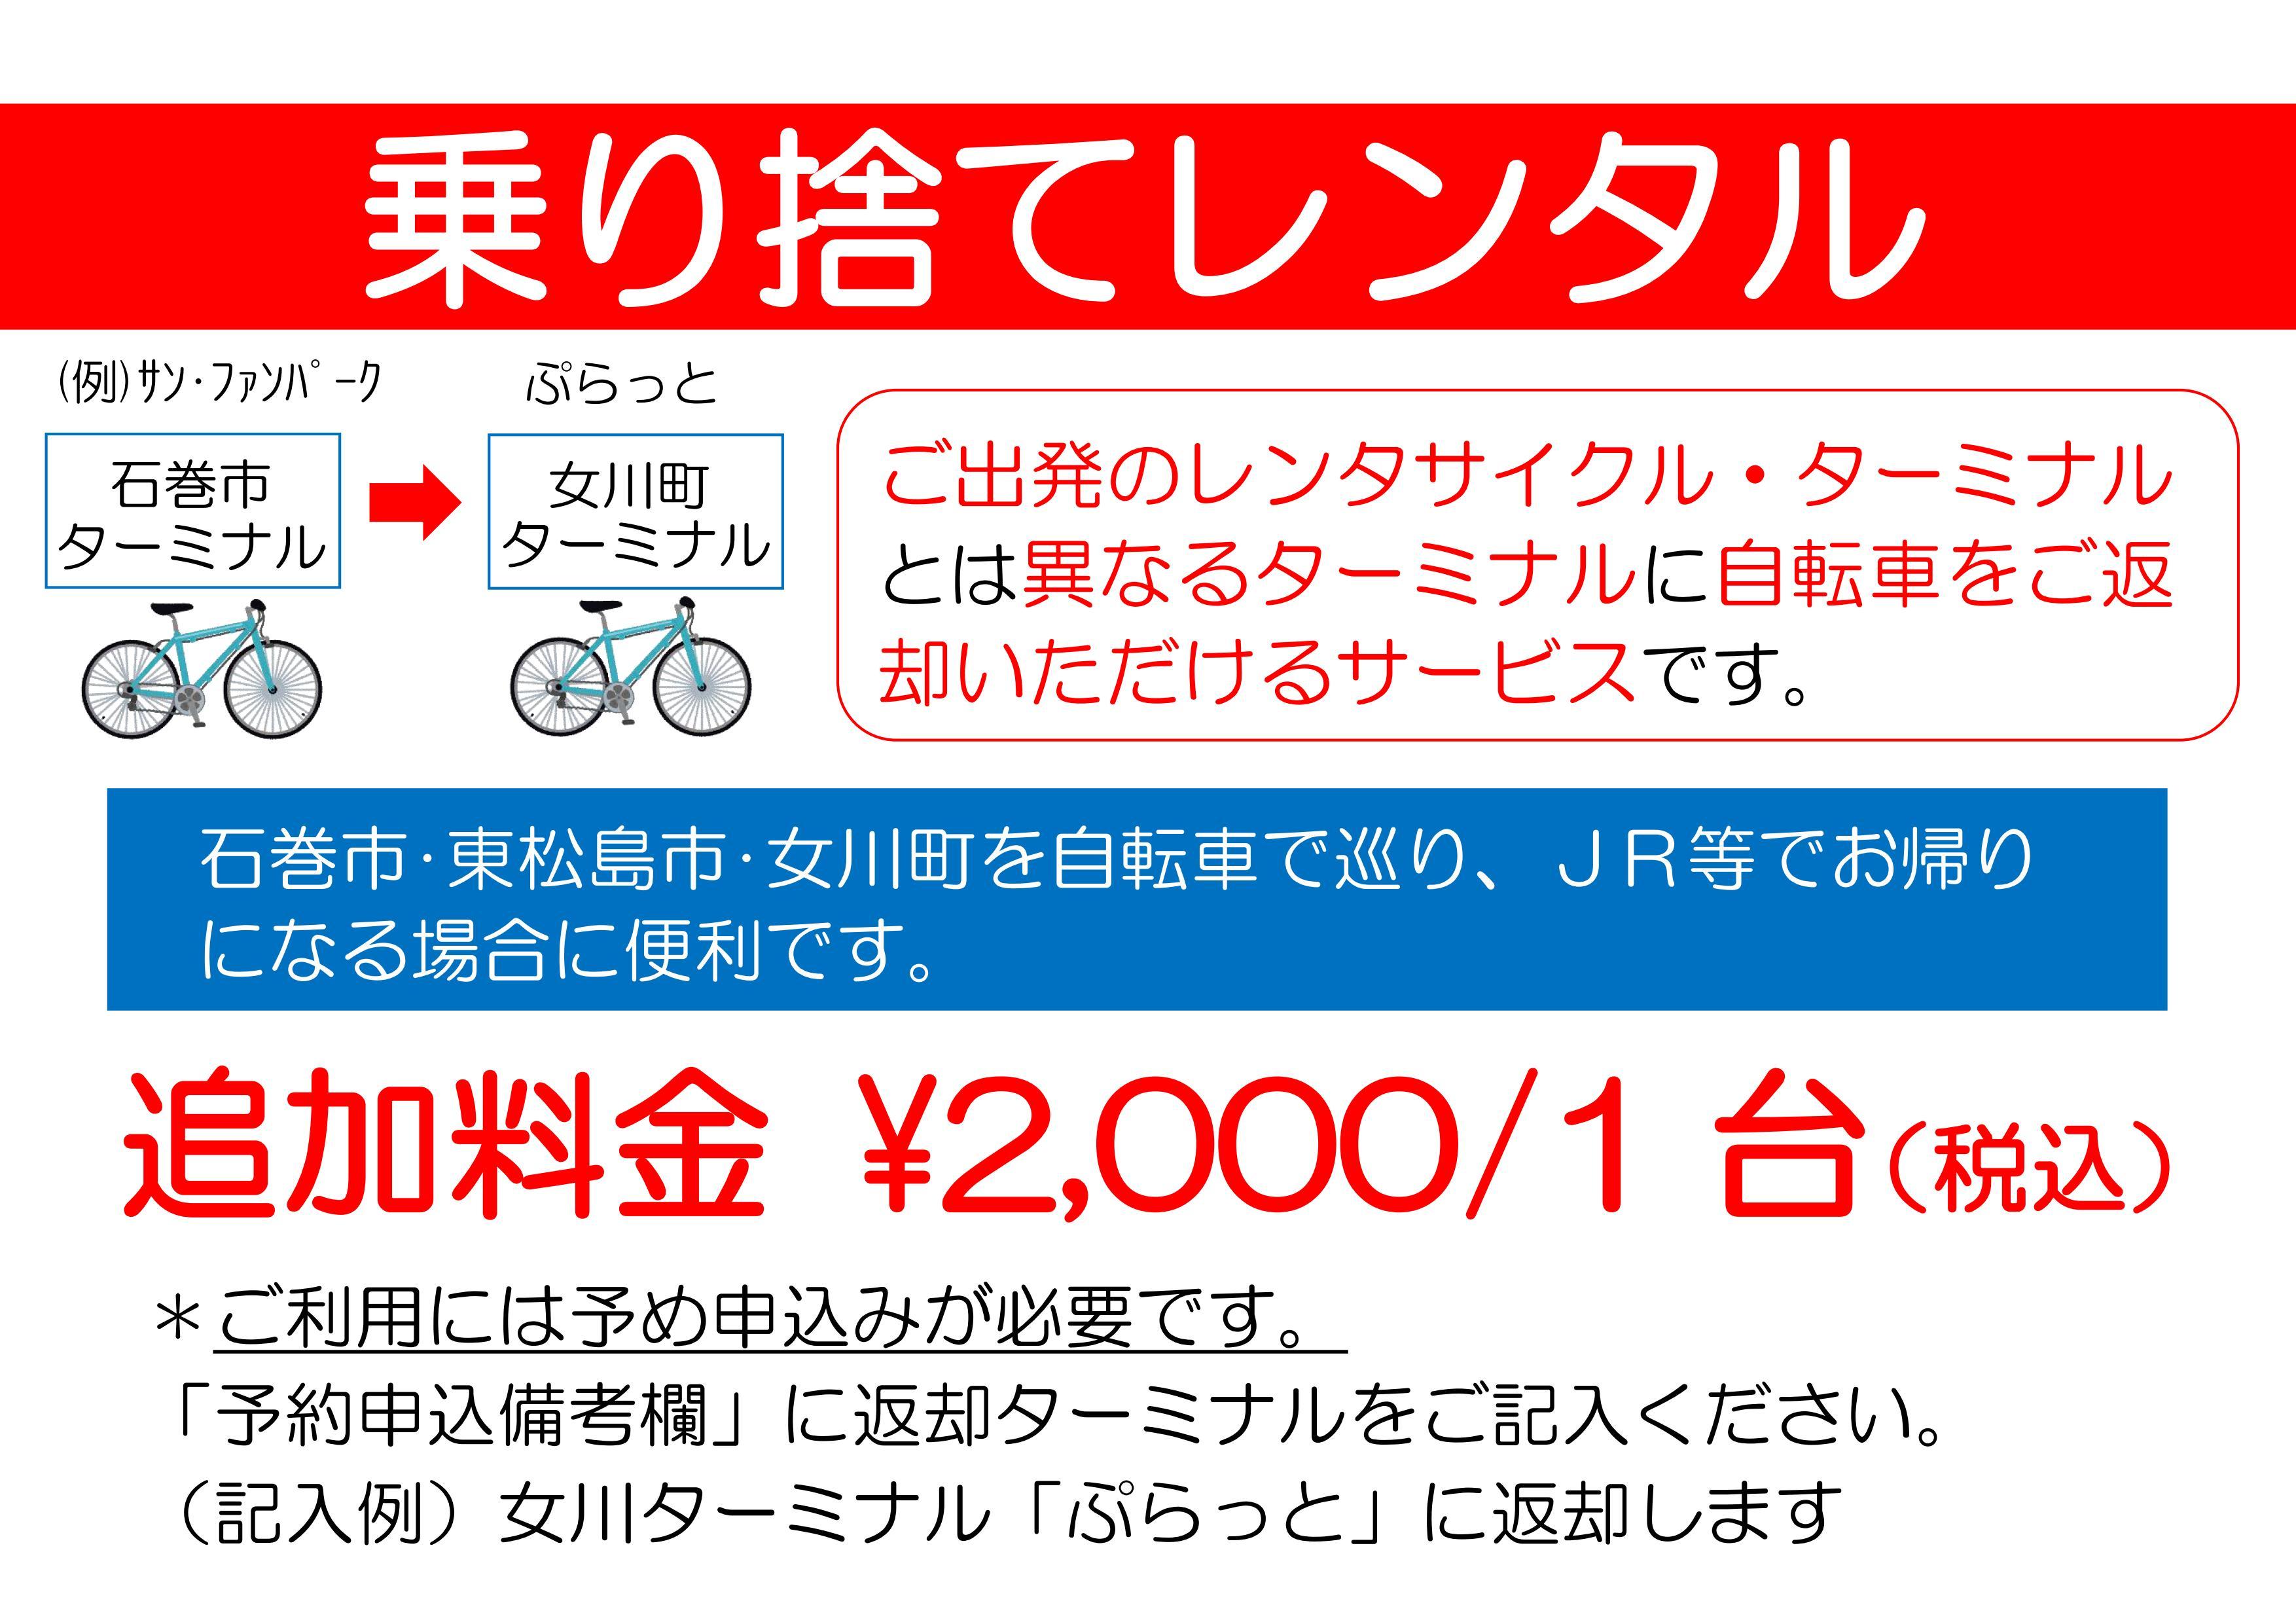 【東松島市】奥松島イートプラザ 一般XSタイプ 1日1台限定【コース番号:80601】